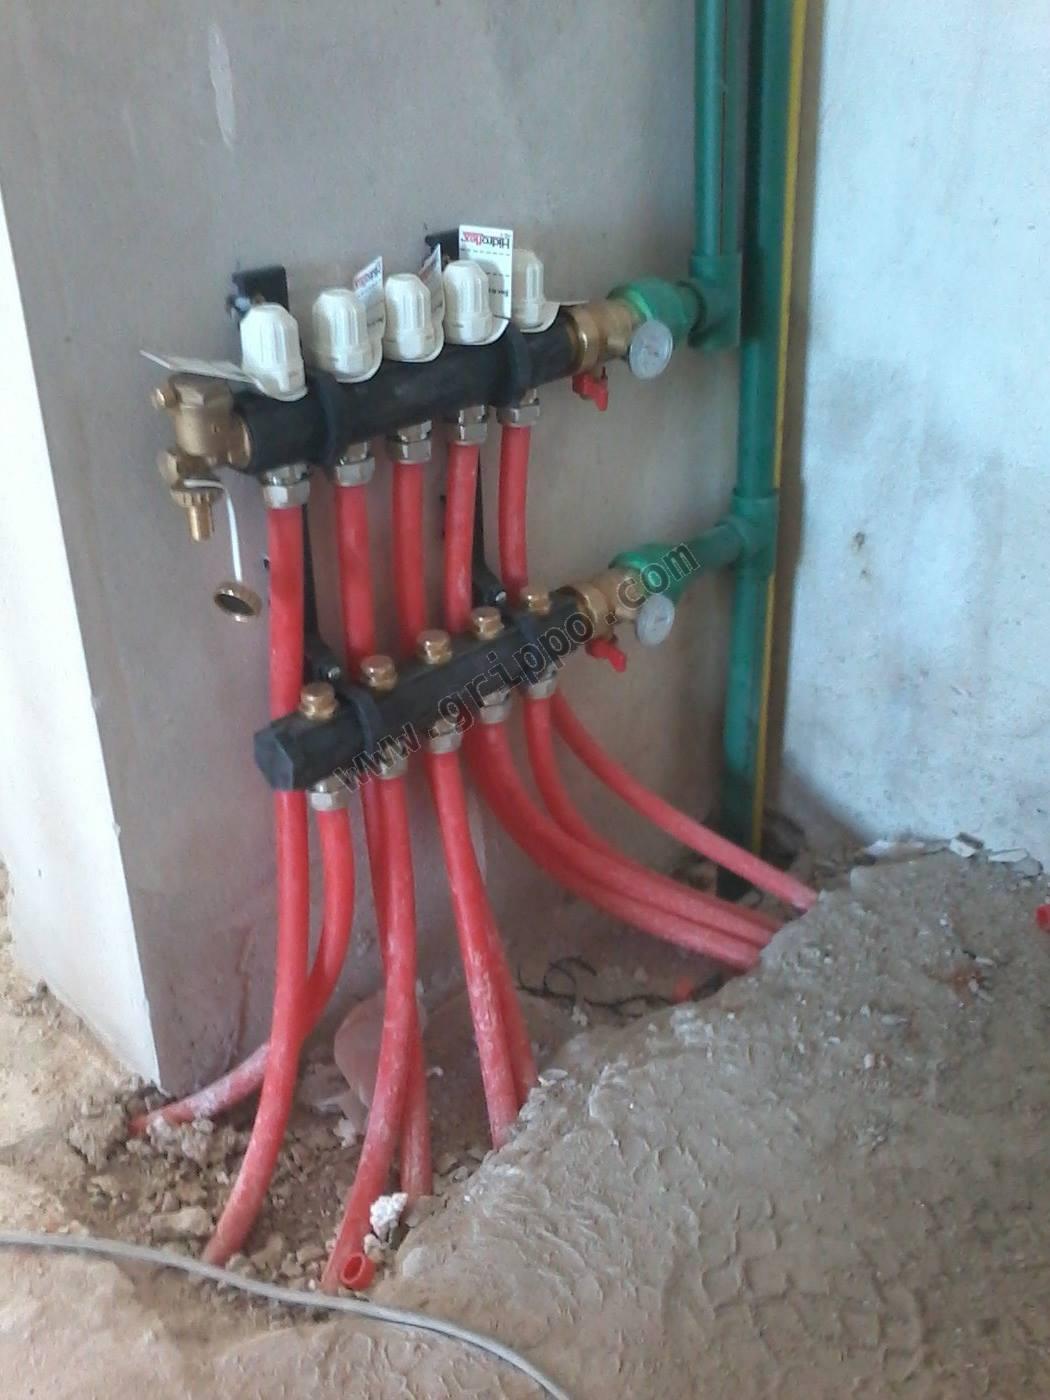 Calefacci n por piso radiante - Calefaccion por hilo radiante ...